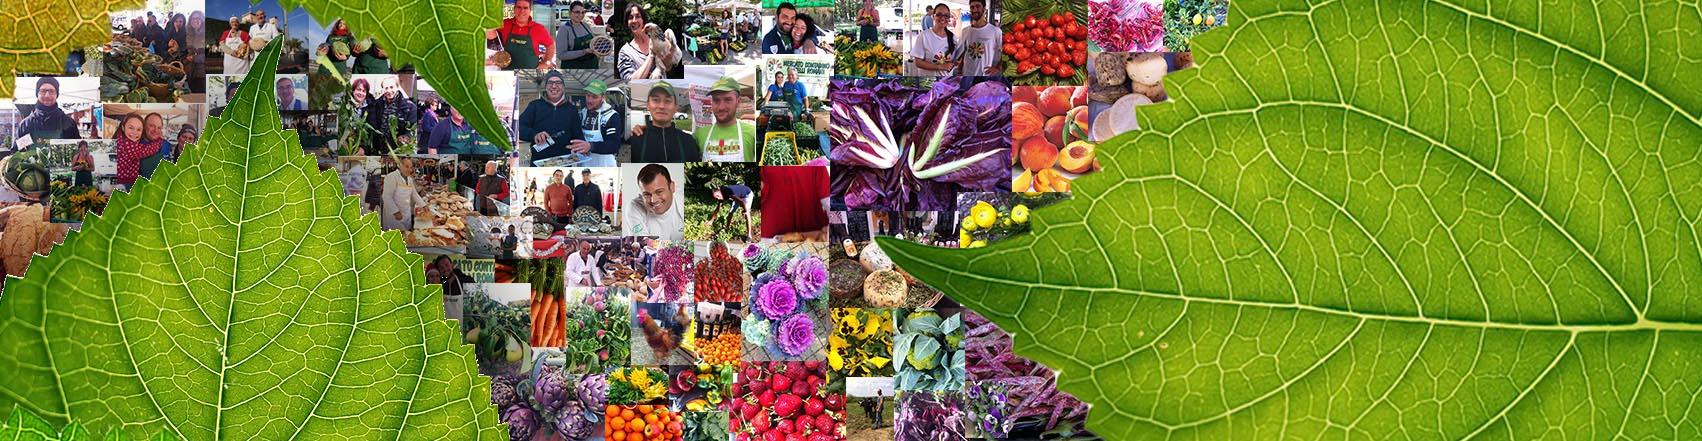 mercato_contadino_comunita_del_cibo_km0_spesa_di_qualita